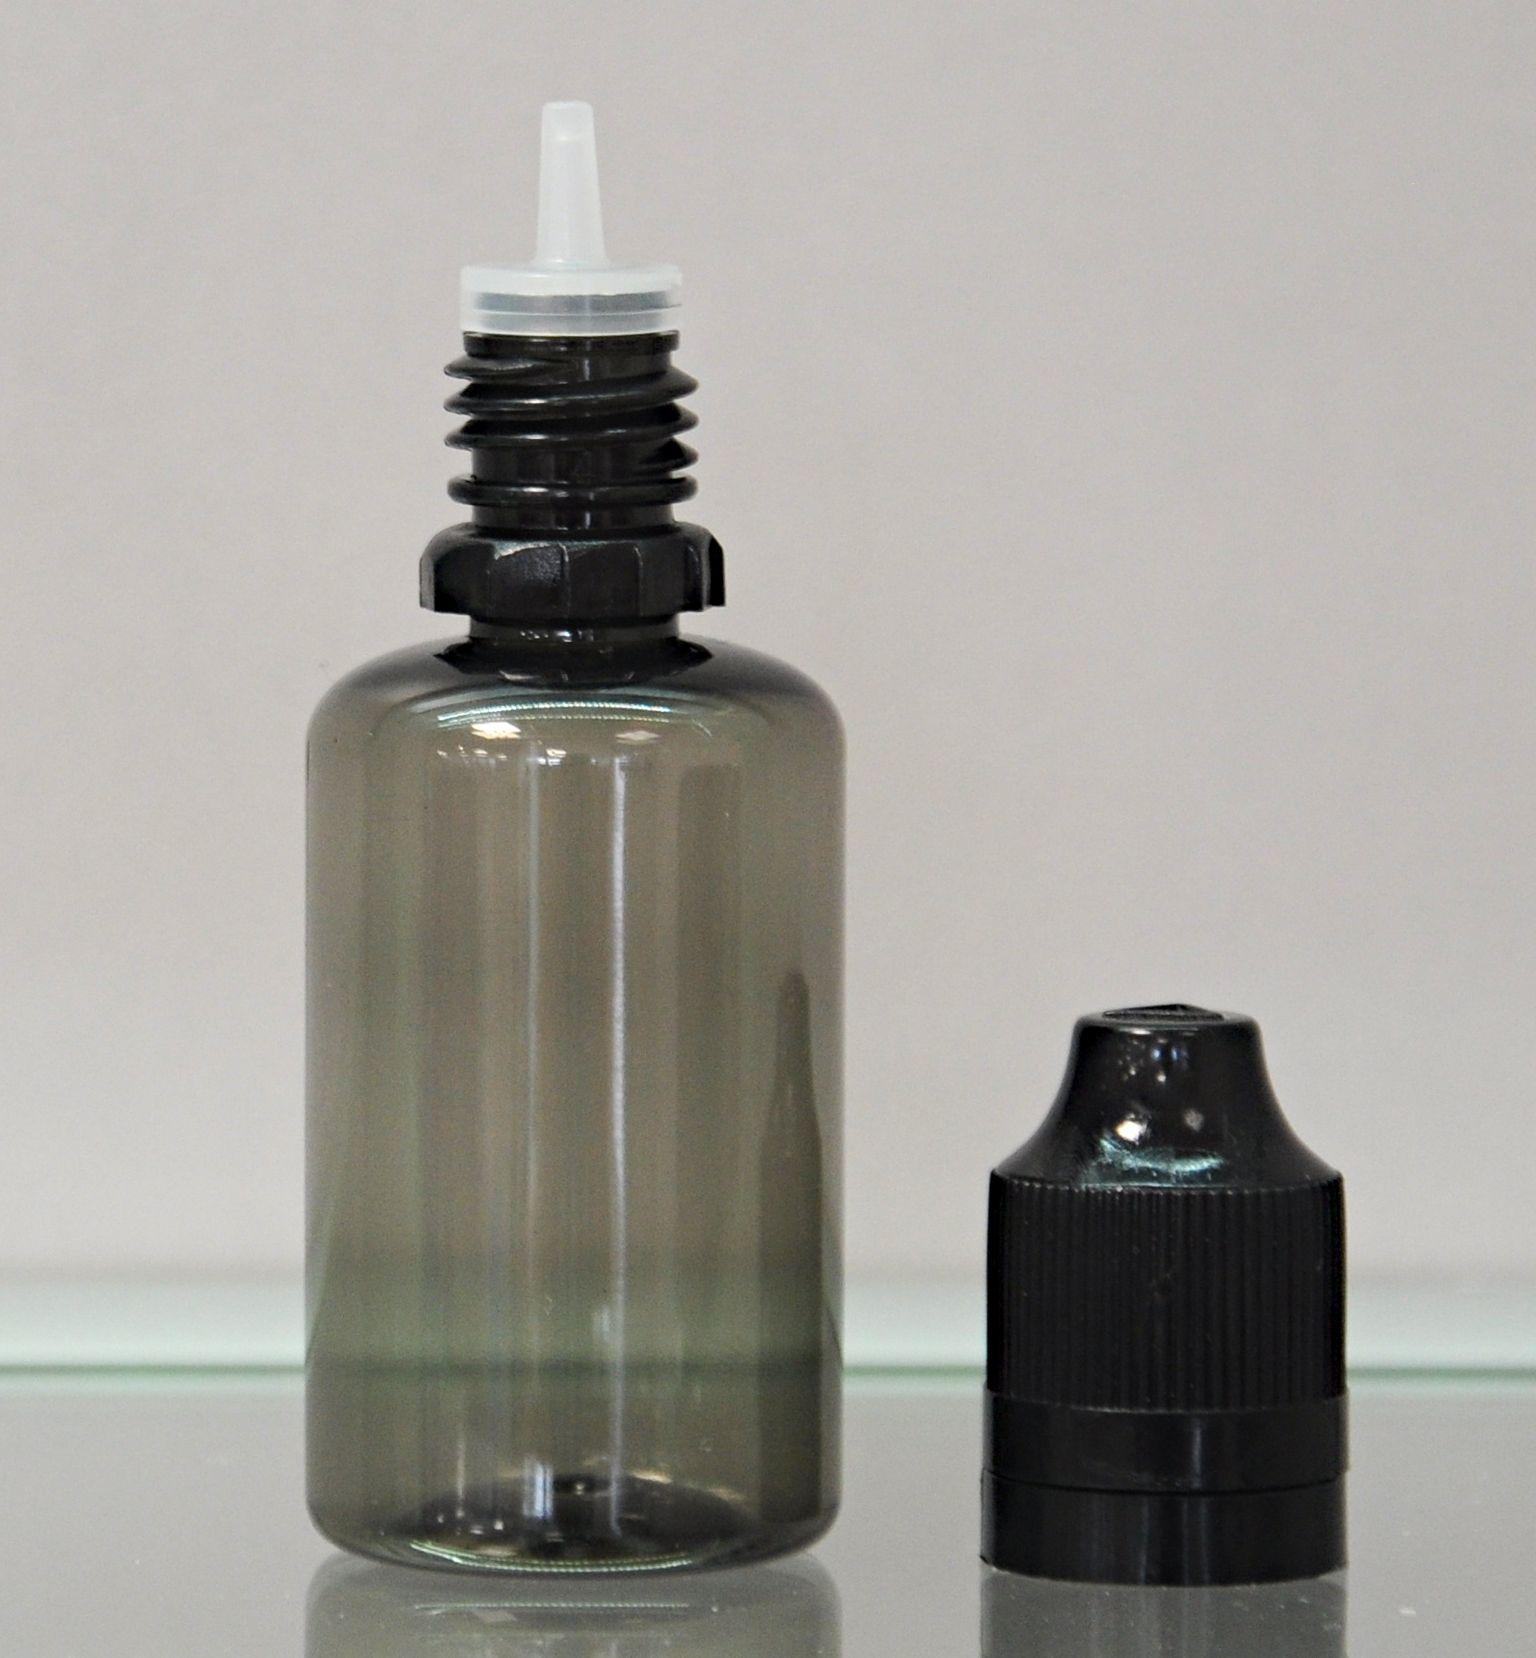 Tobeco Prázdná lahvička s víčkem a kapátkem 30ml kouřová Barva: Čirá, Objem: 30ml, Kategorie: Lahve prázdné, Materiál: Tvrdý plast, Barva vršku: černá